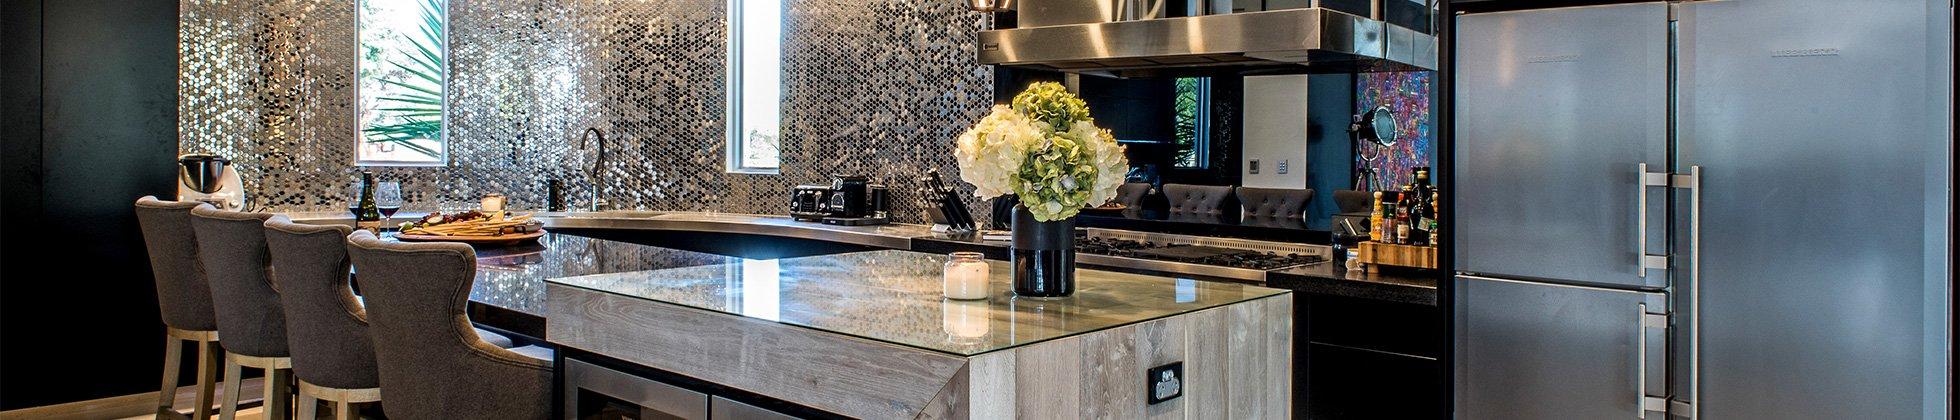 ByUrban kitchen design